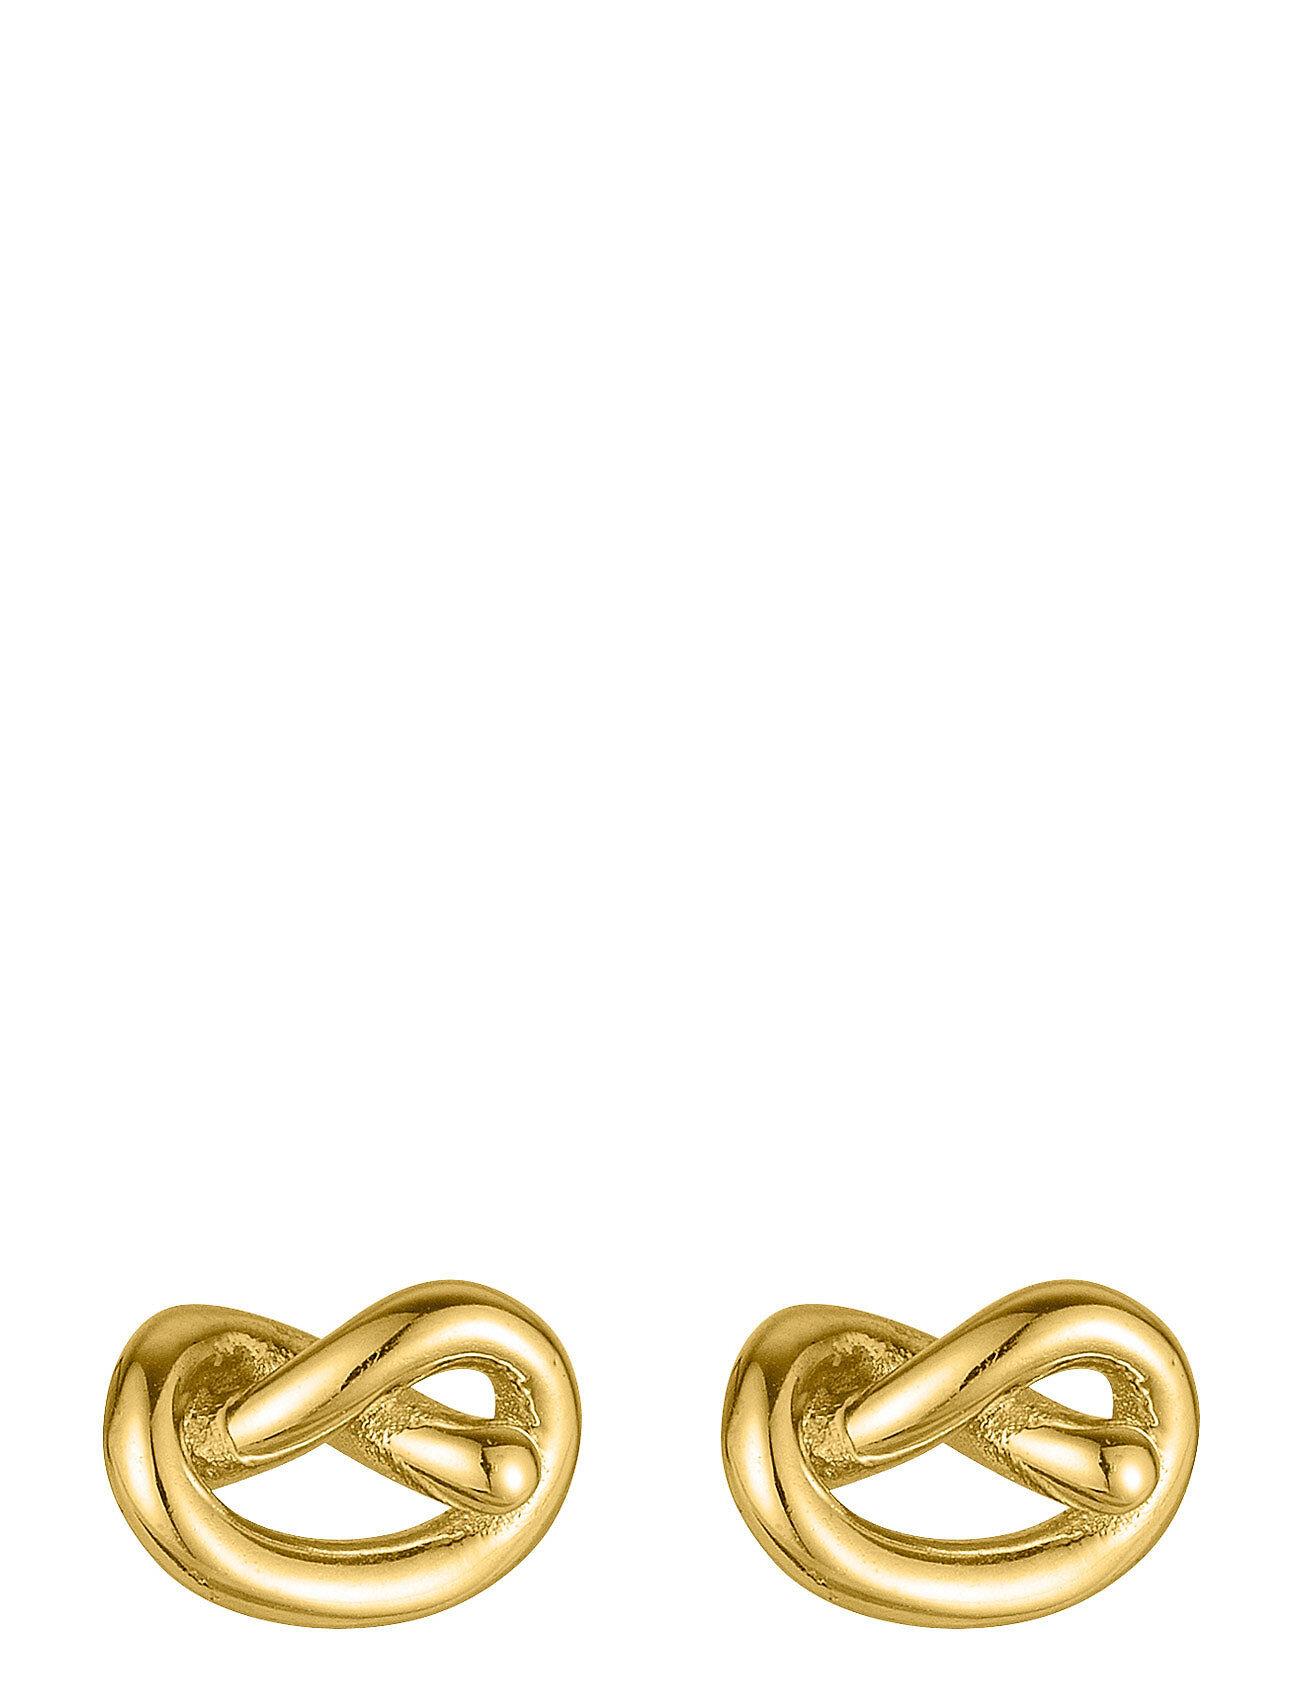 SOPHIE by SOPHIE Knot Studs Accessories Jewellery Earrings Studs Kulta SOPHIE By SOPHIE